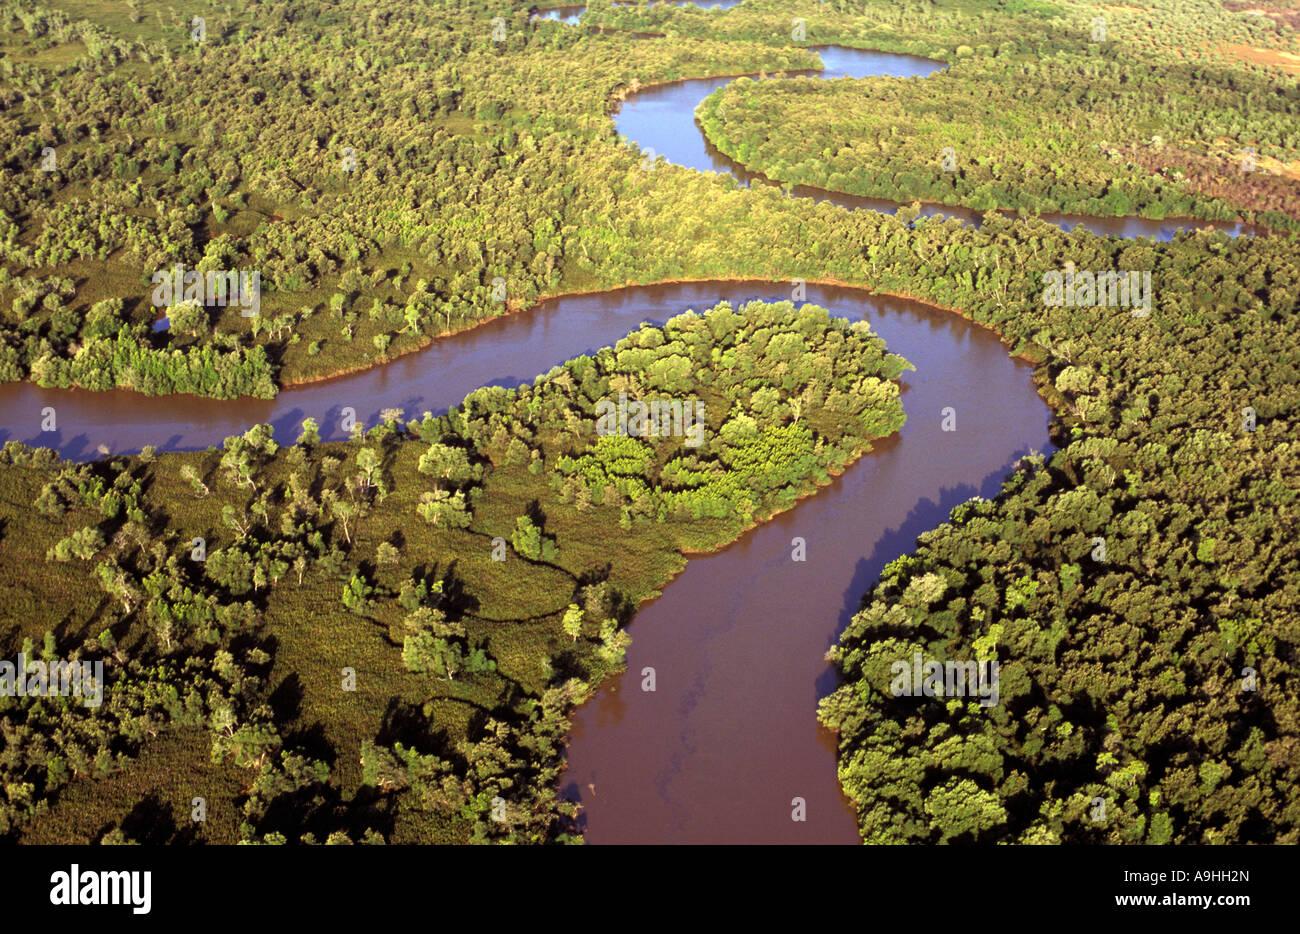 Luftaufnahme von Mangrovensümpfen, Madagaskar Stockbild